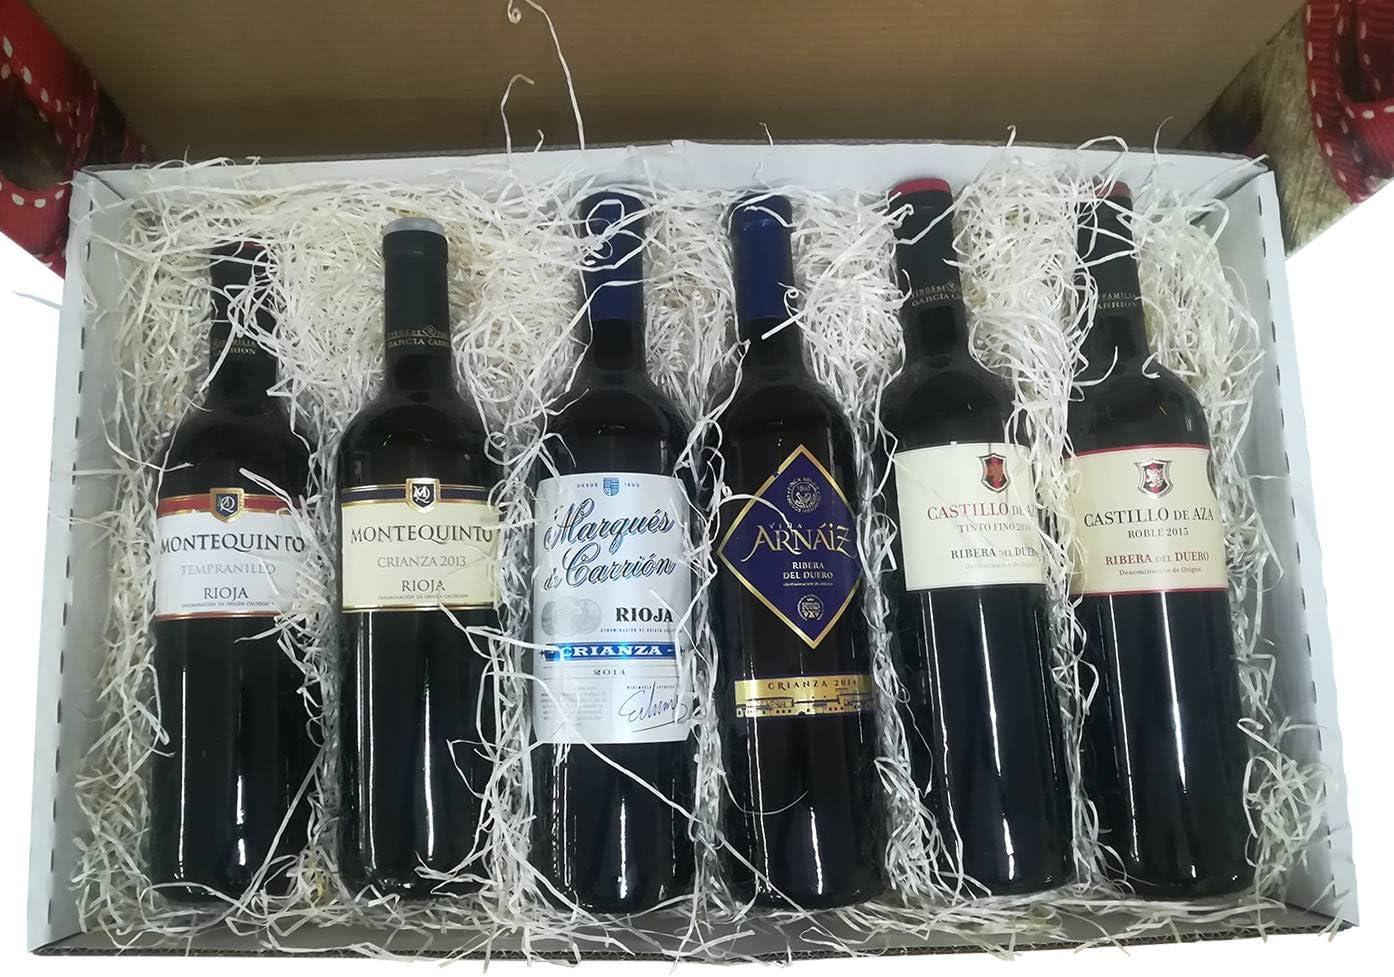 Cesta decorativa con Vinos Rioja y Ribera del Duero para regalar: Amazon.es: Alimentación y bebidas